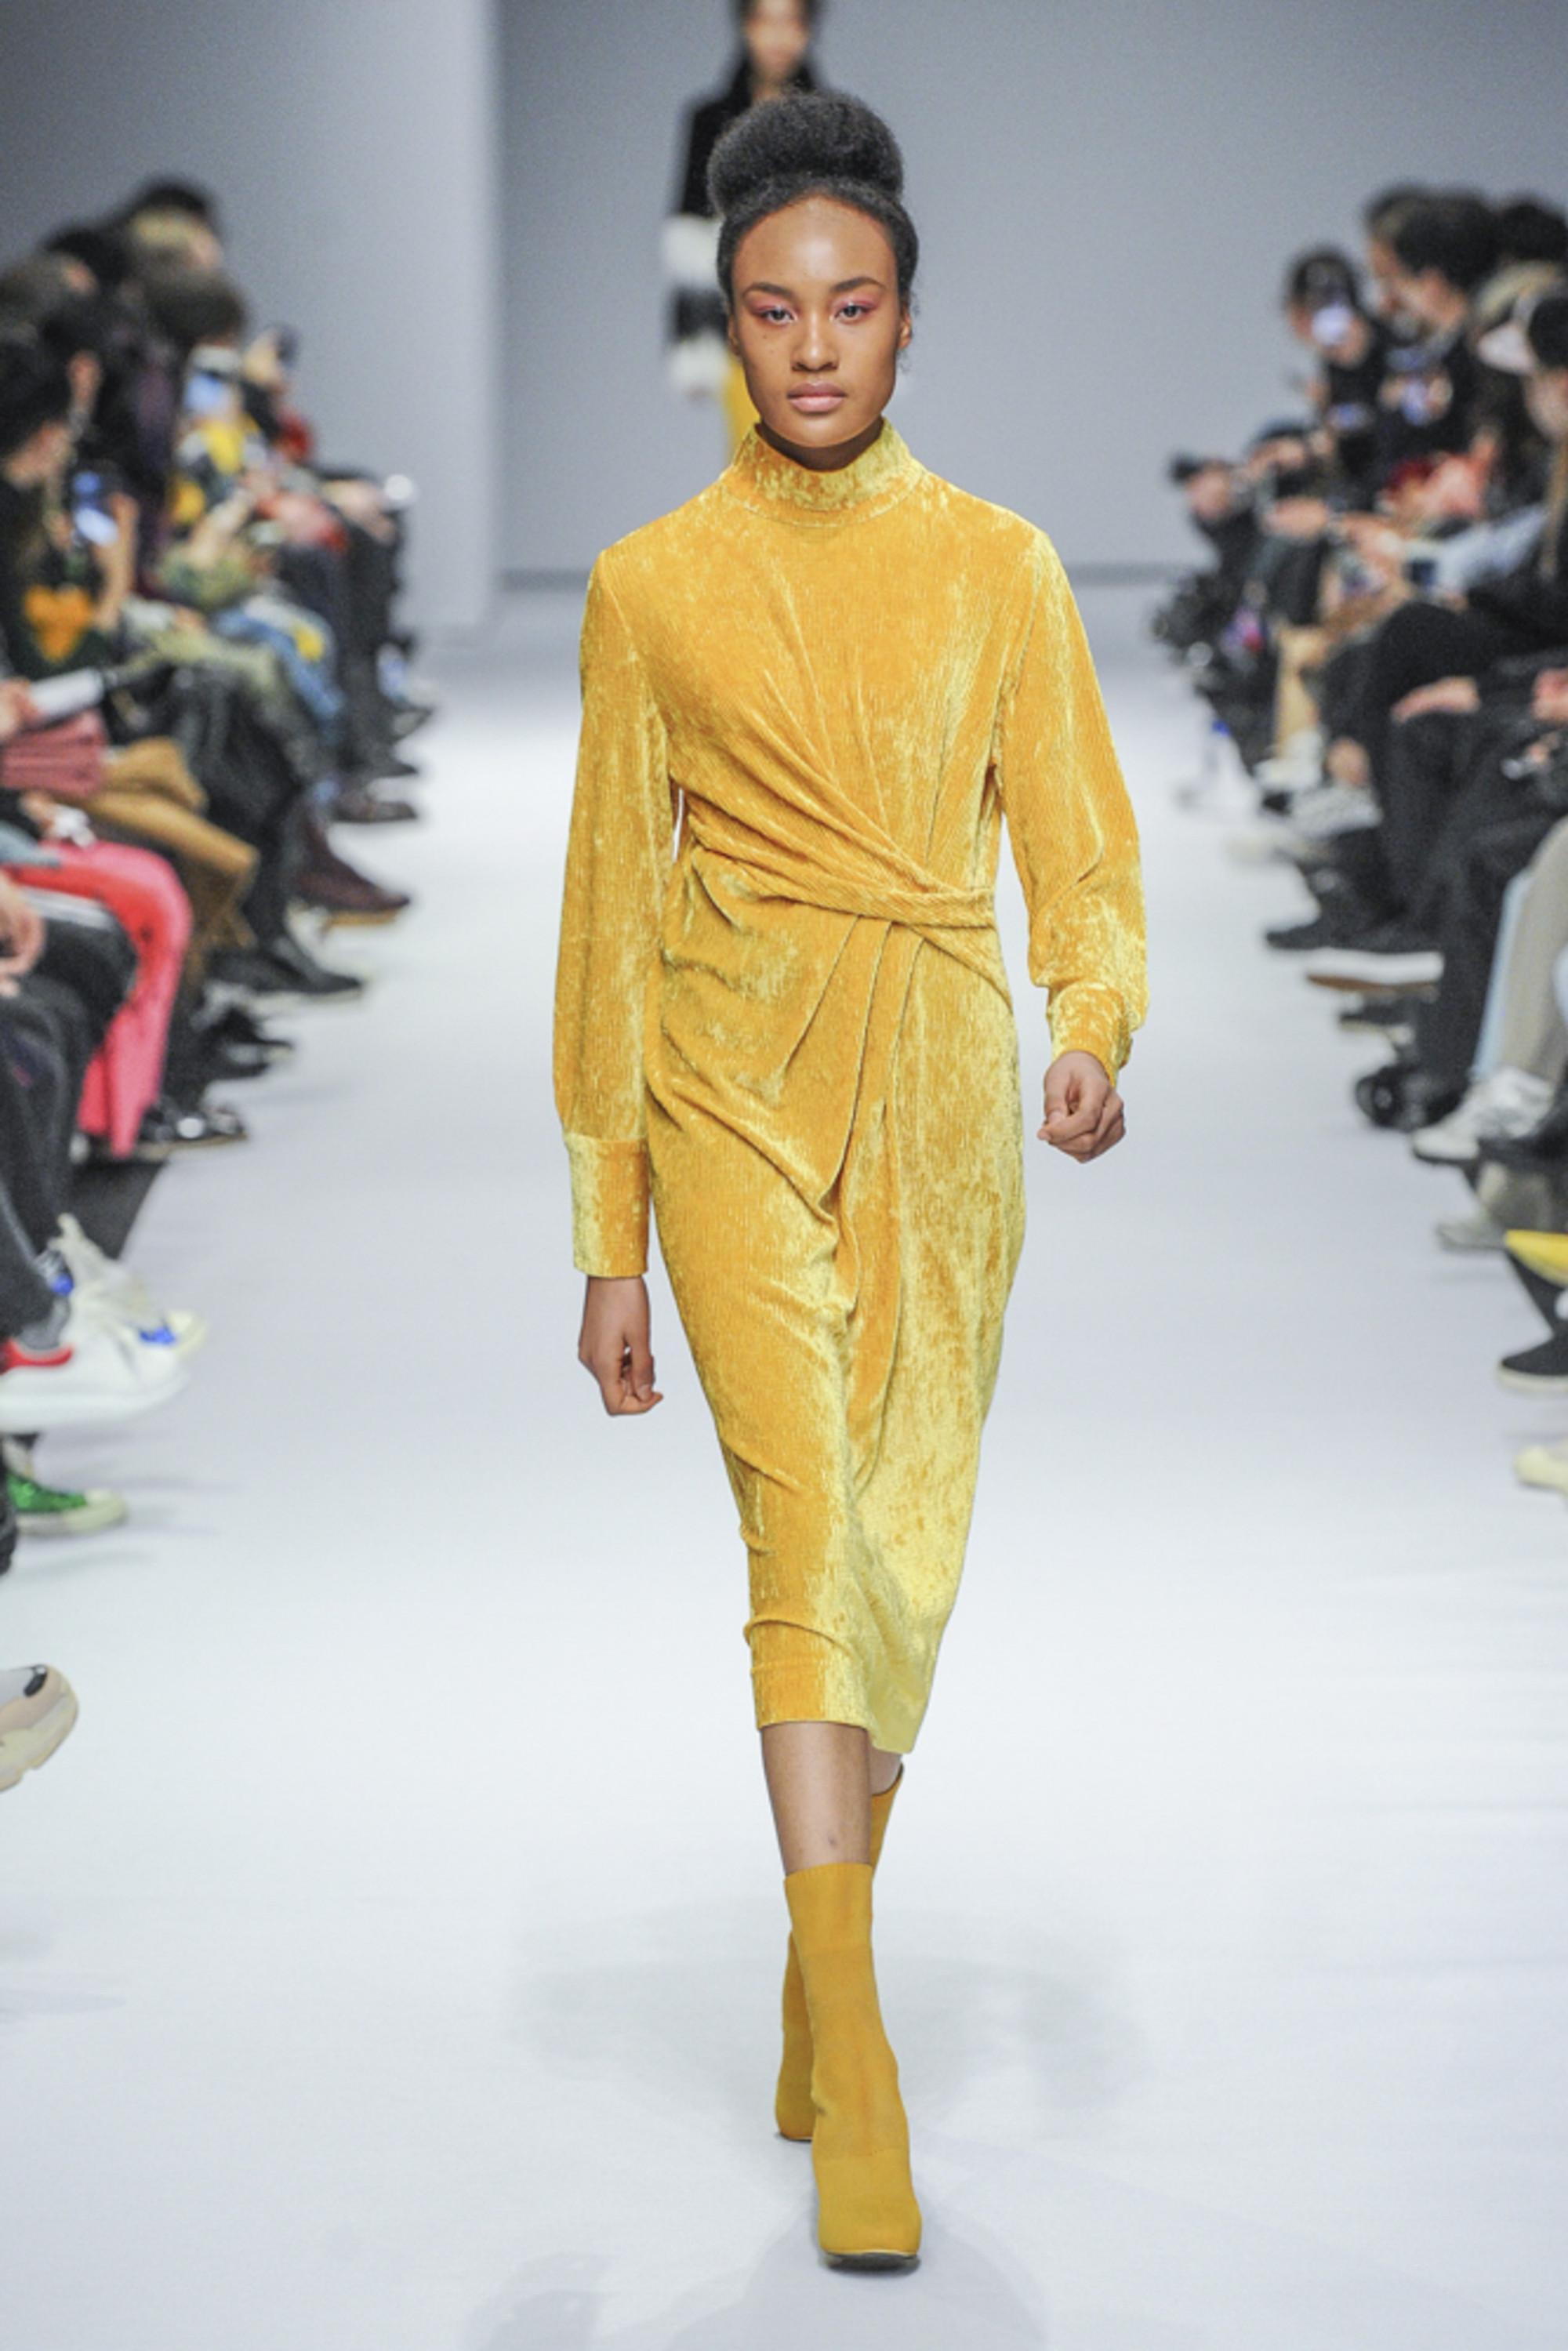 Kye платье из велюра 2019 оттенка Цейлонский жёлтый с бархатными сапожками в тон